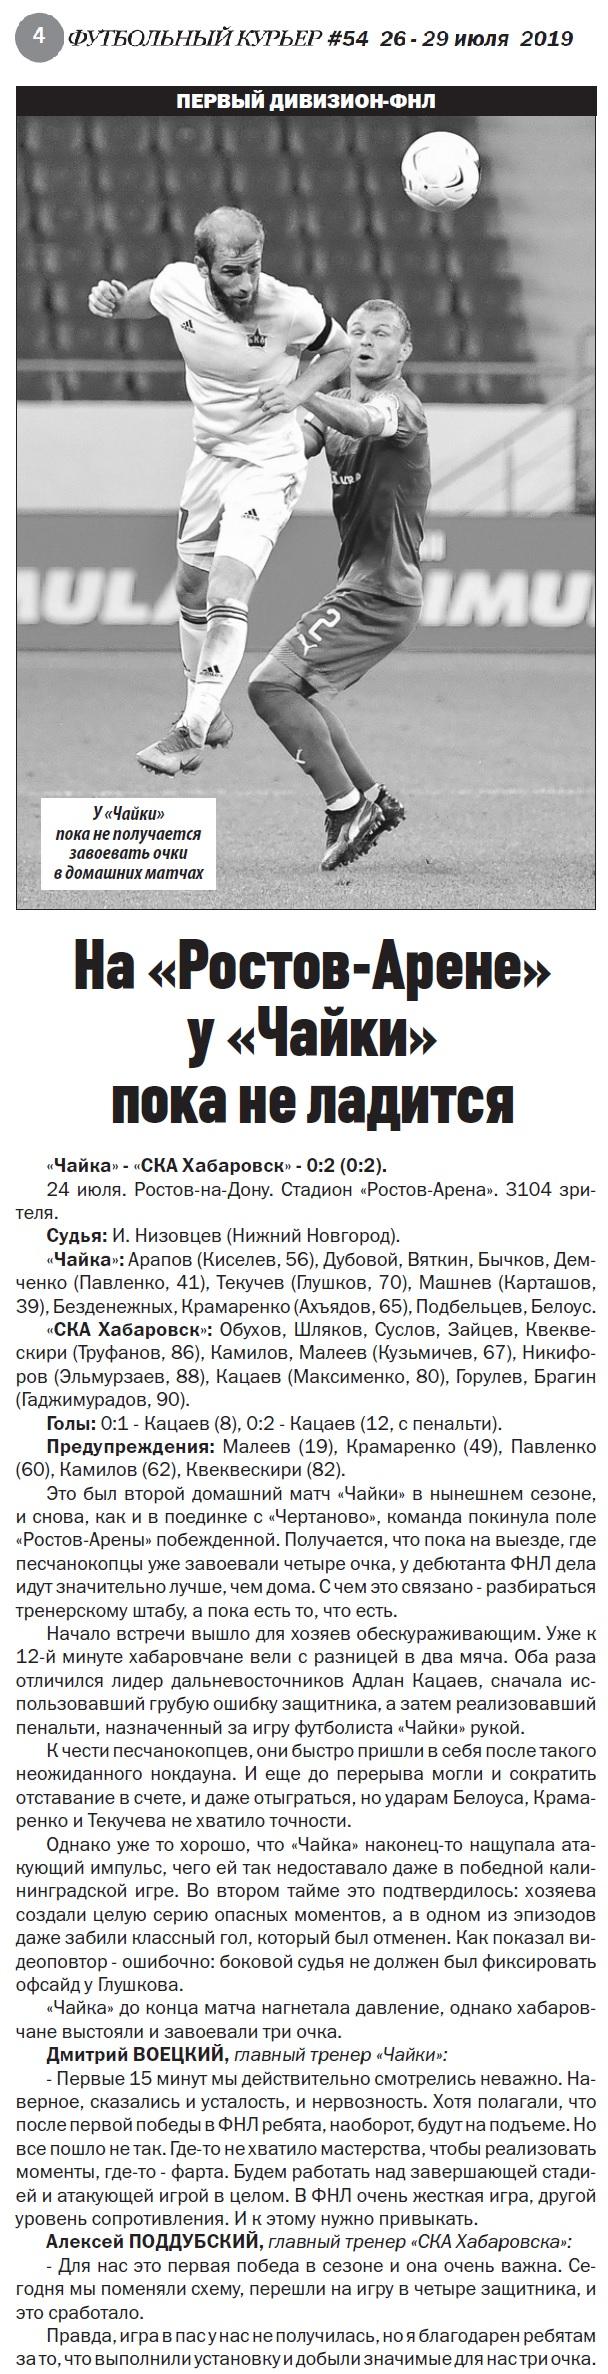 Чайка (Песчанокопское) - СКА-Хабаровск (Хабаровск) 0:2